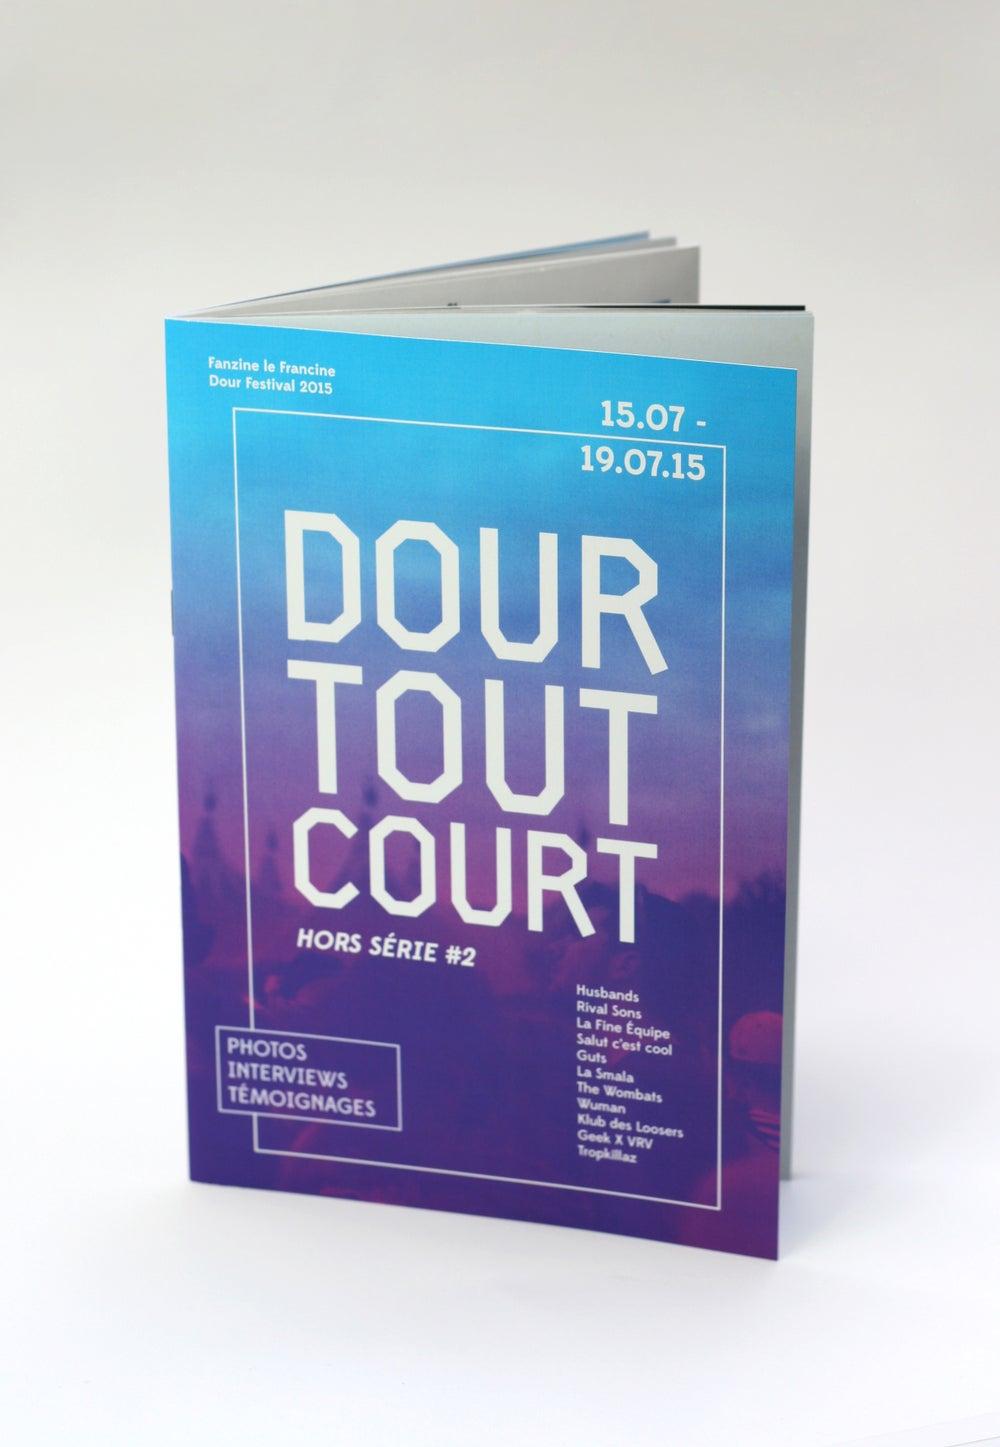 Image of Dour Tout Court